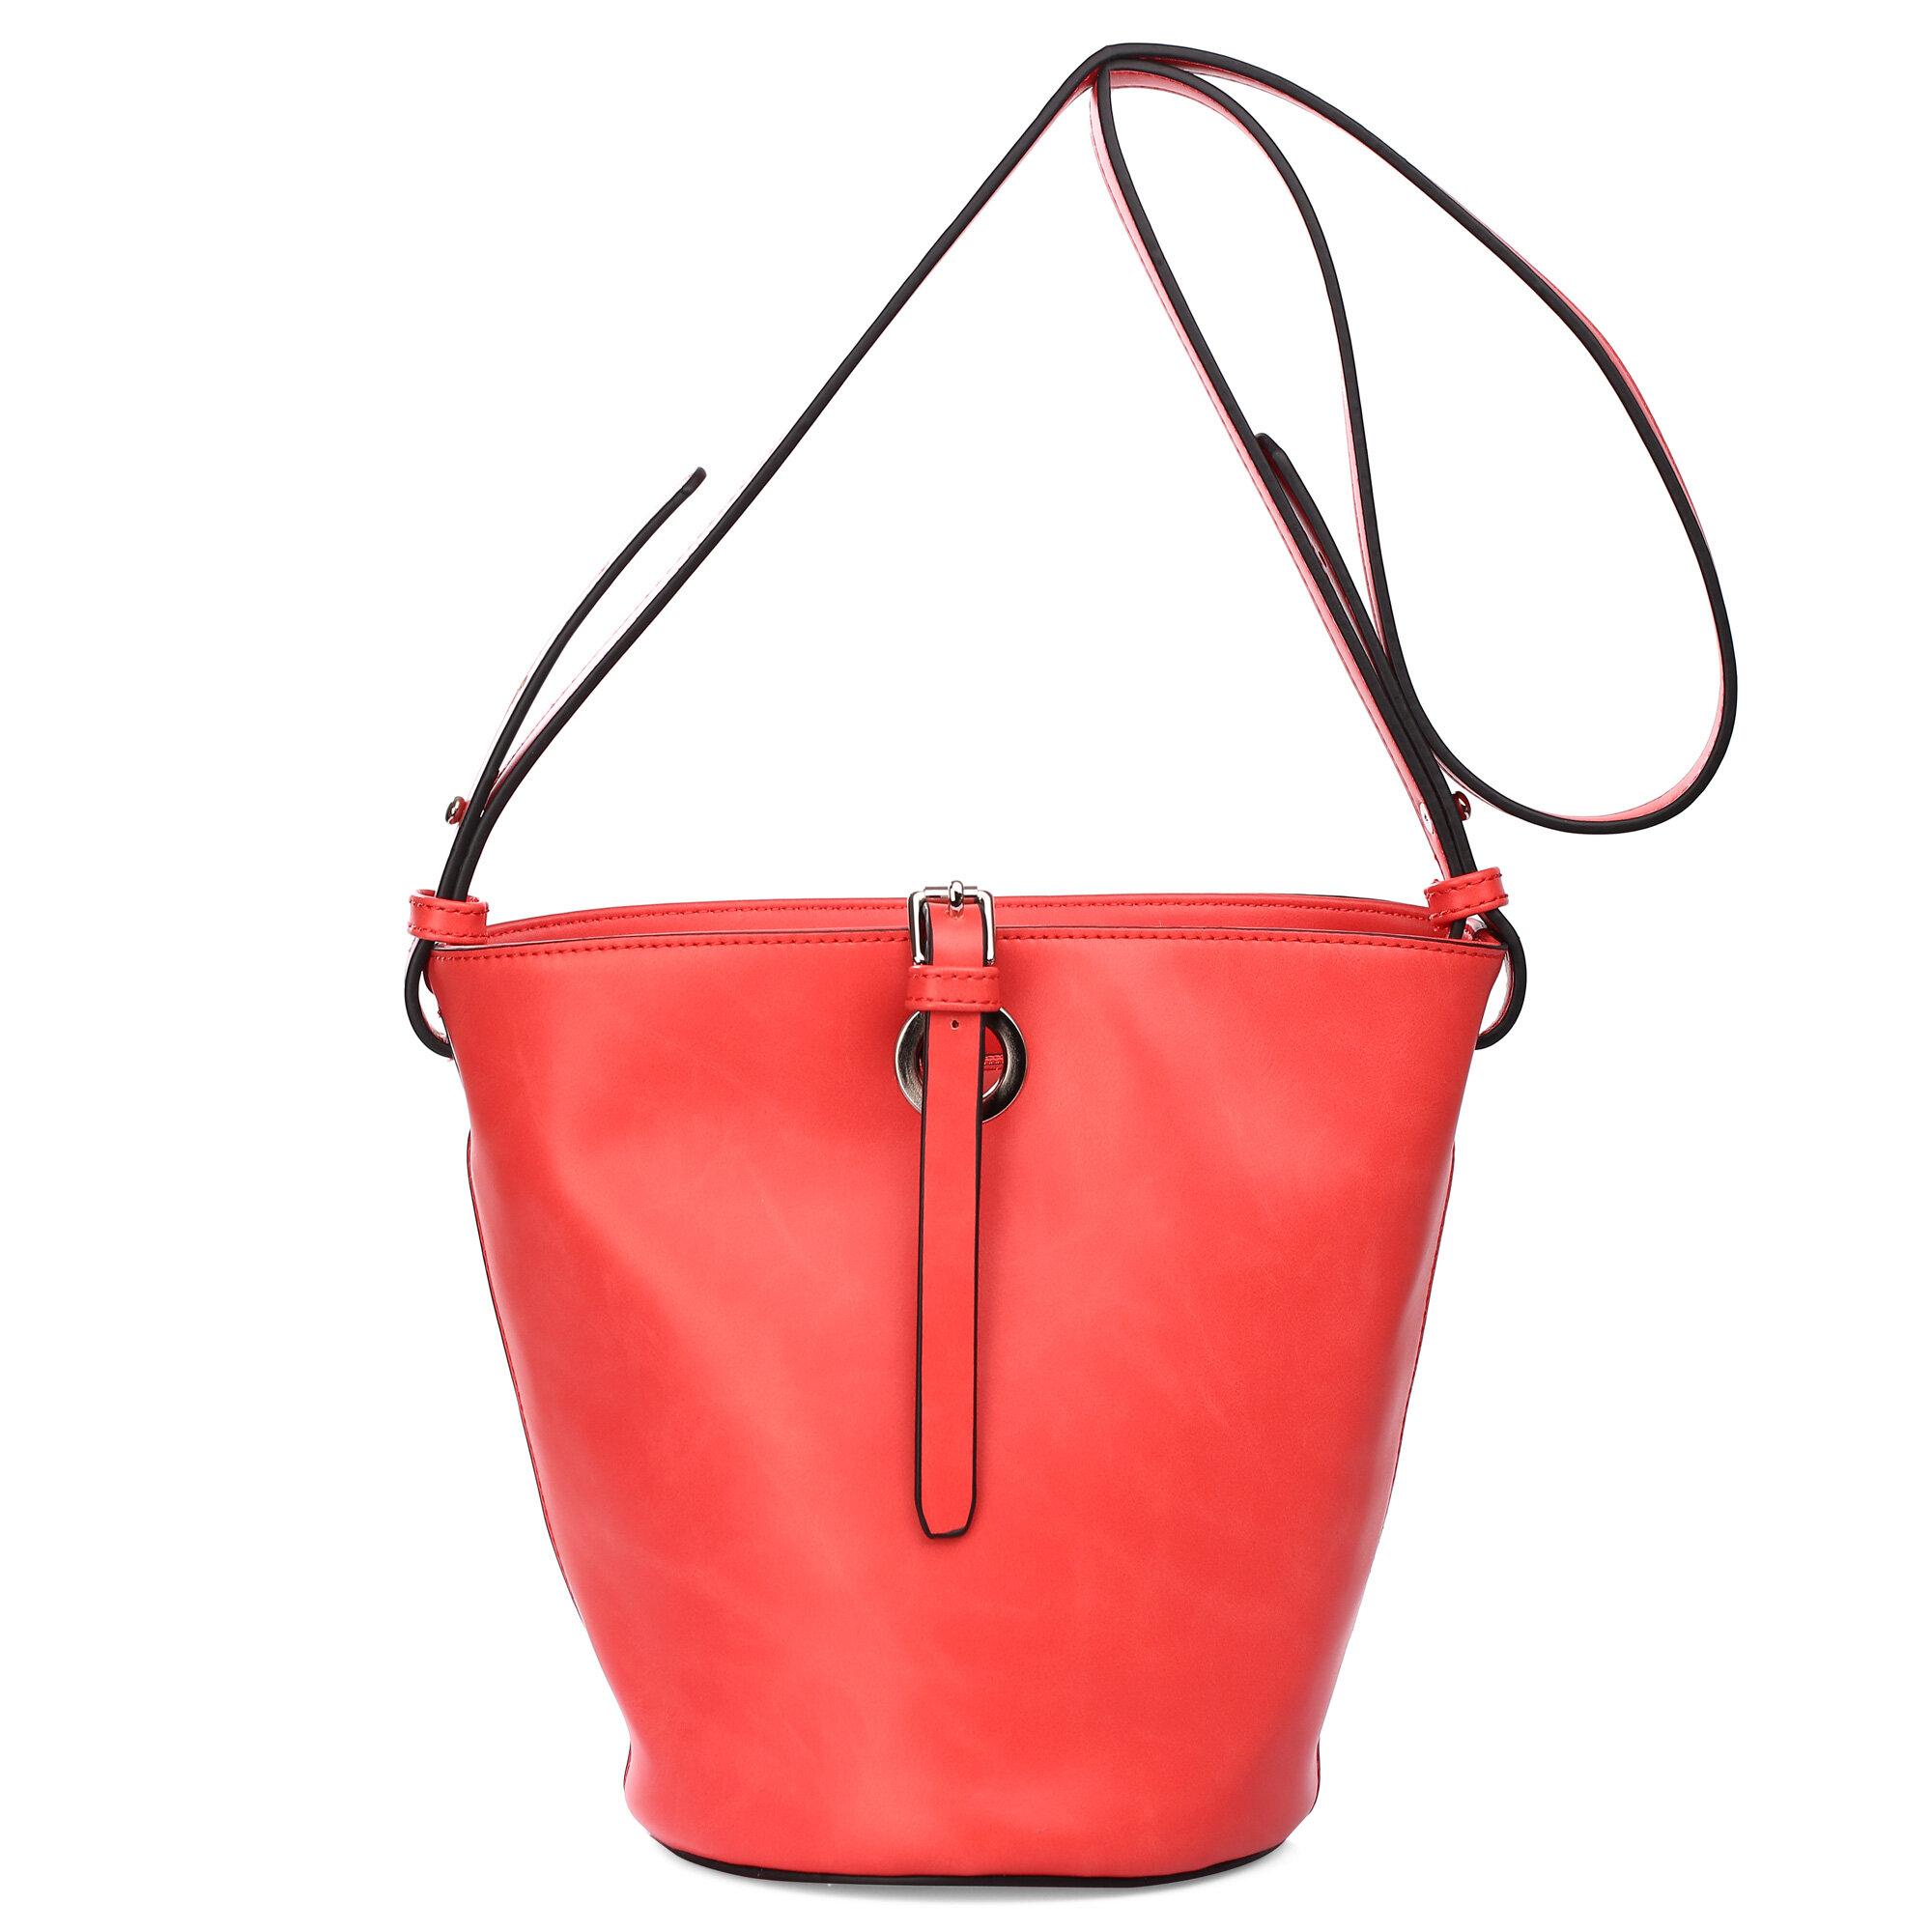 Женские сумки – купить в Москве в интернет магазине luxbrandbagsstore.ru